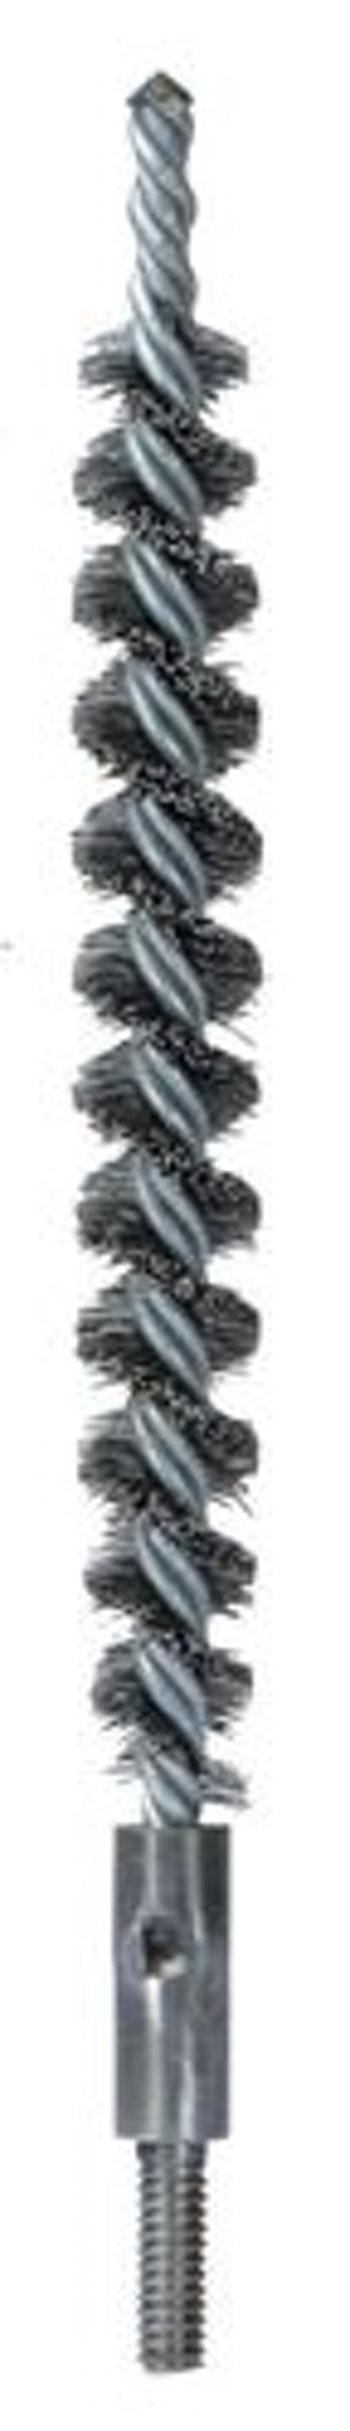 Escova Tubular 25mm Fio 0,30mm - Abrasfer - T3000-25MM - Unitário